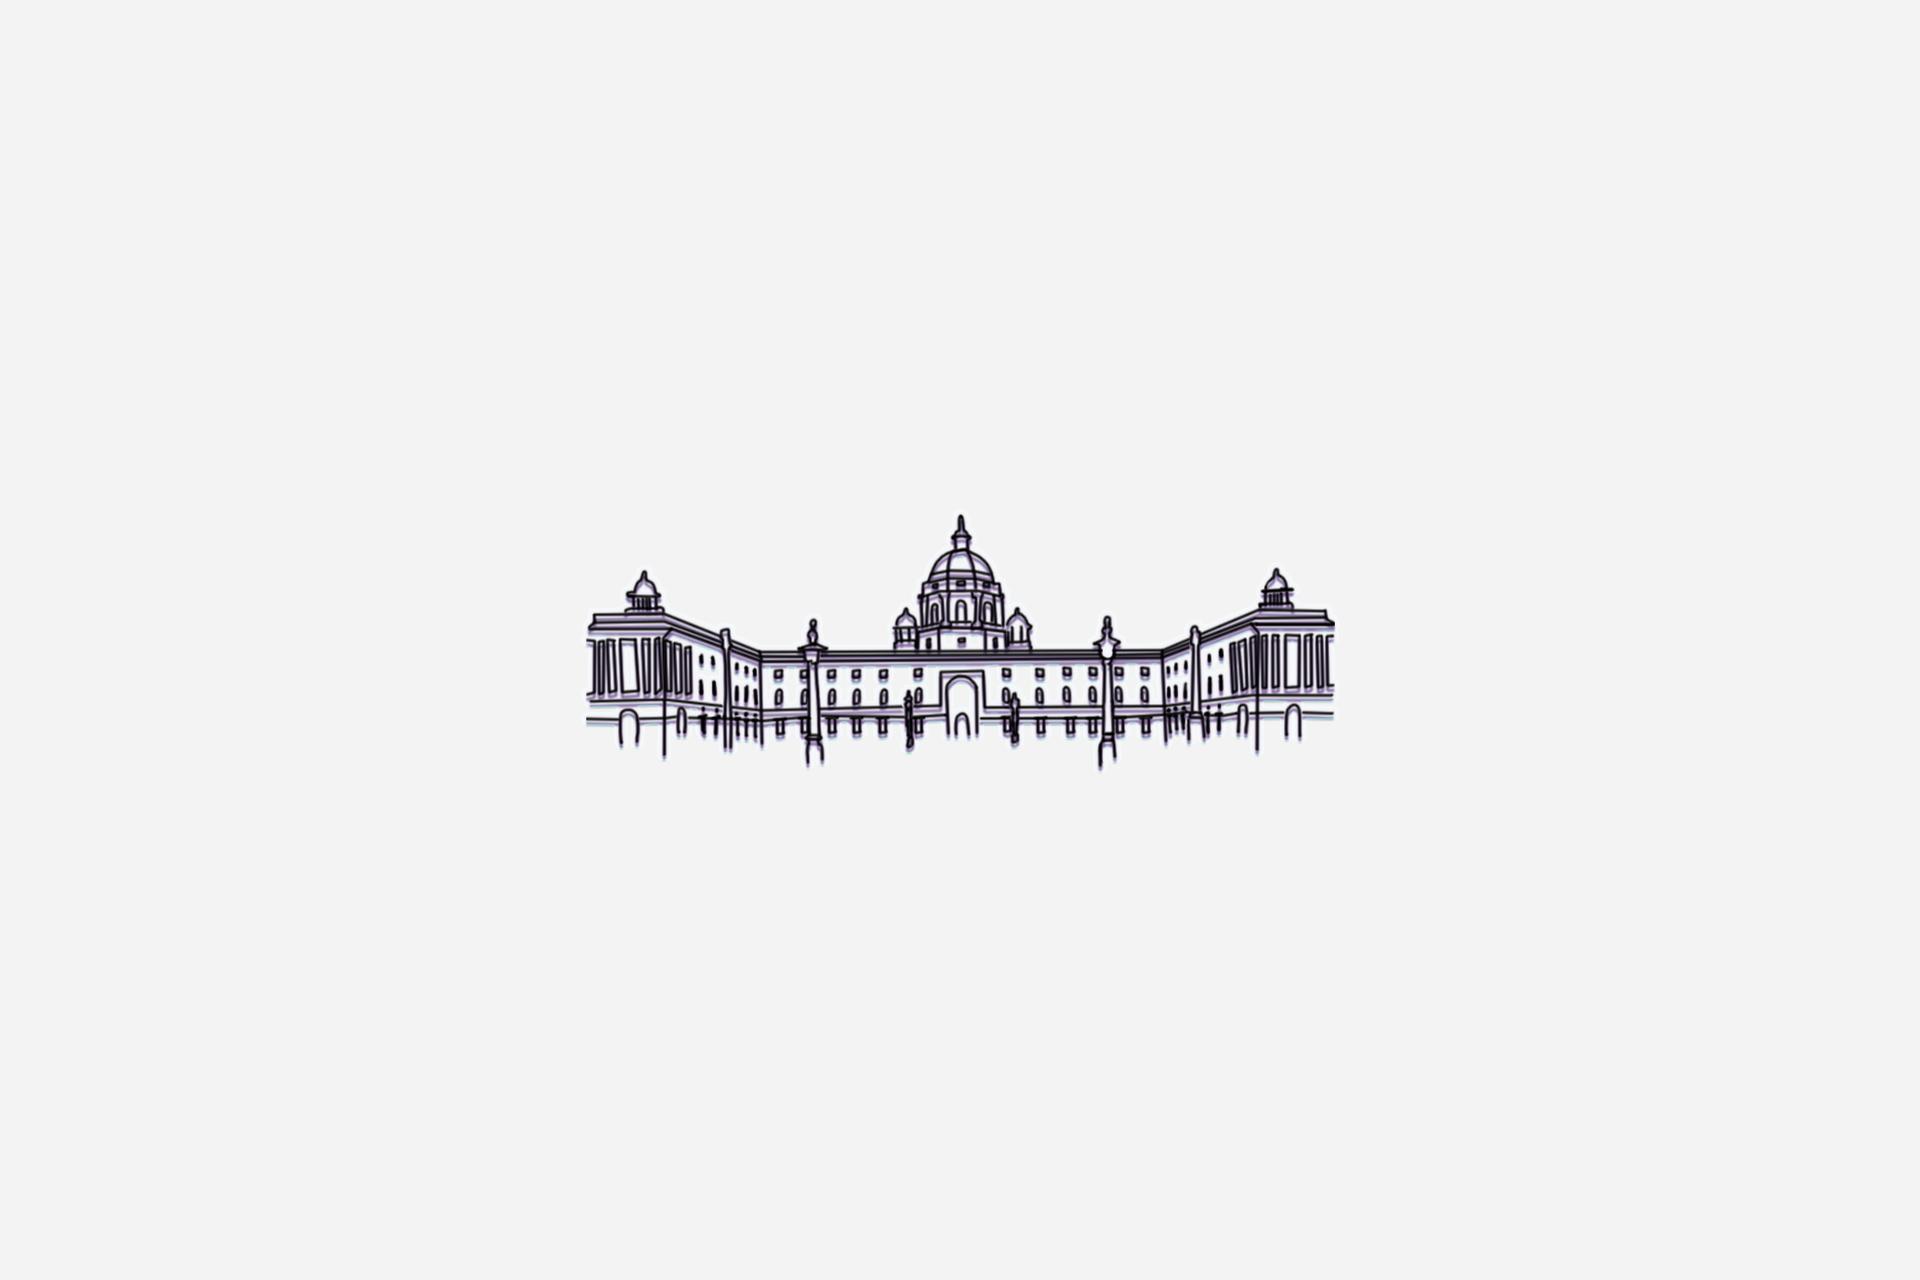 بزرگترین کاخ رهبری در جهان